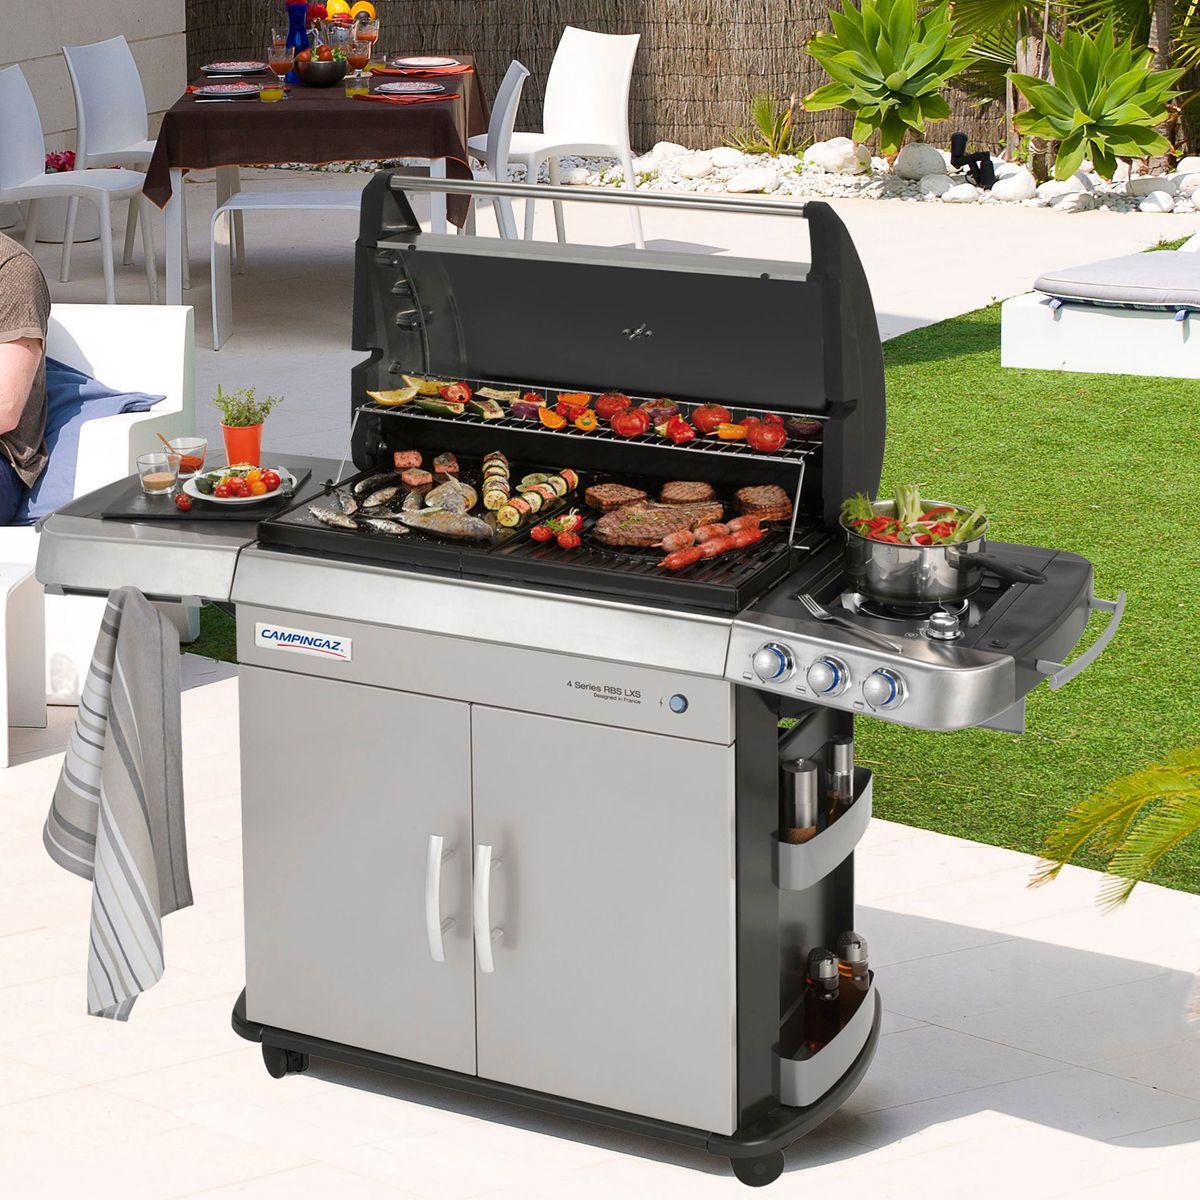 Comment Faire Un Bon Barbecue barbecue à gaz : apporte-il du plaisir en plein air ?